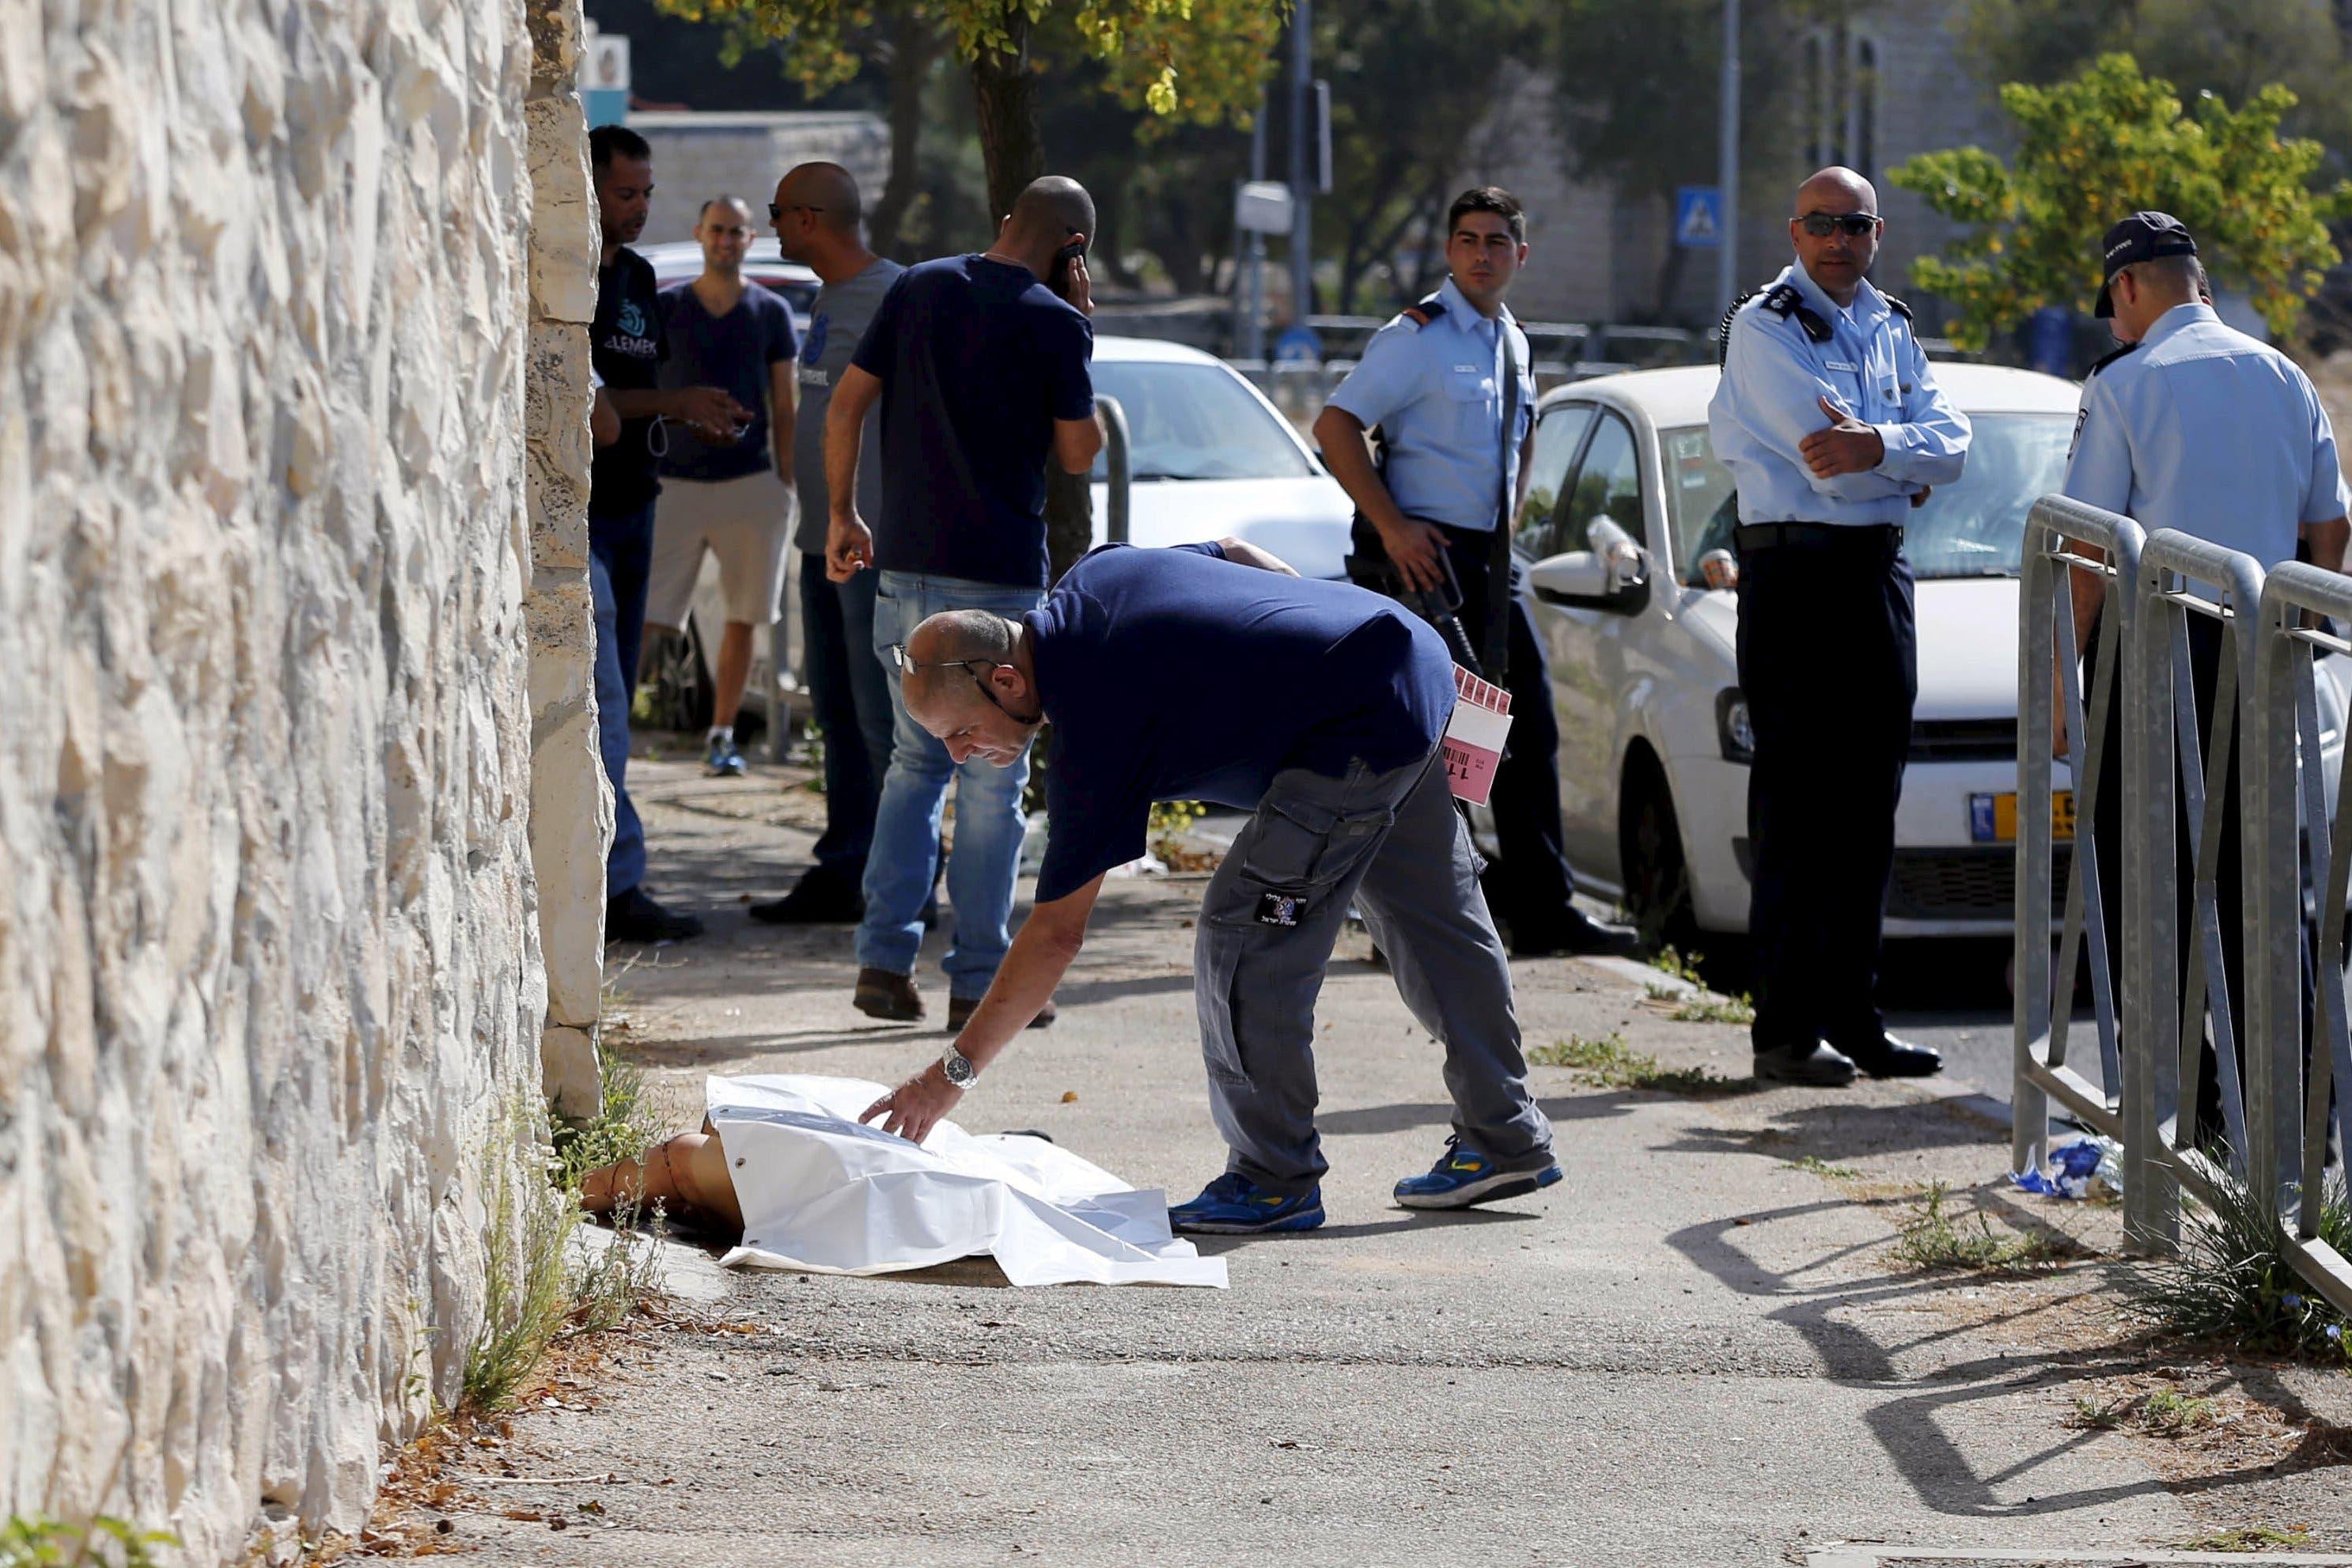 الفلسطيني الذي قُتل في القدس لمحاولته طعن جندي